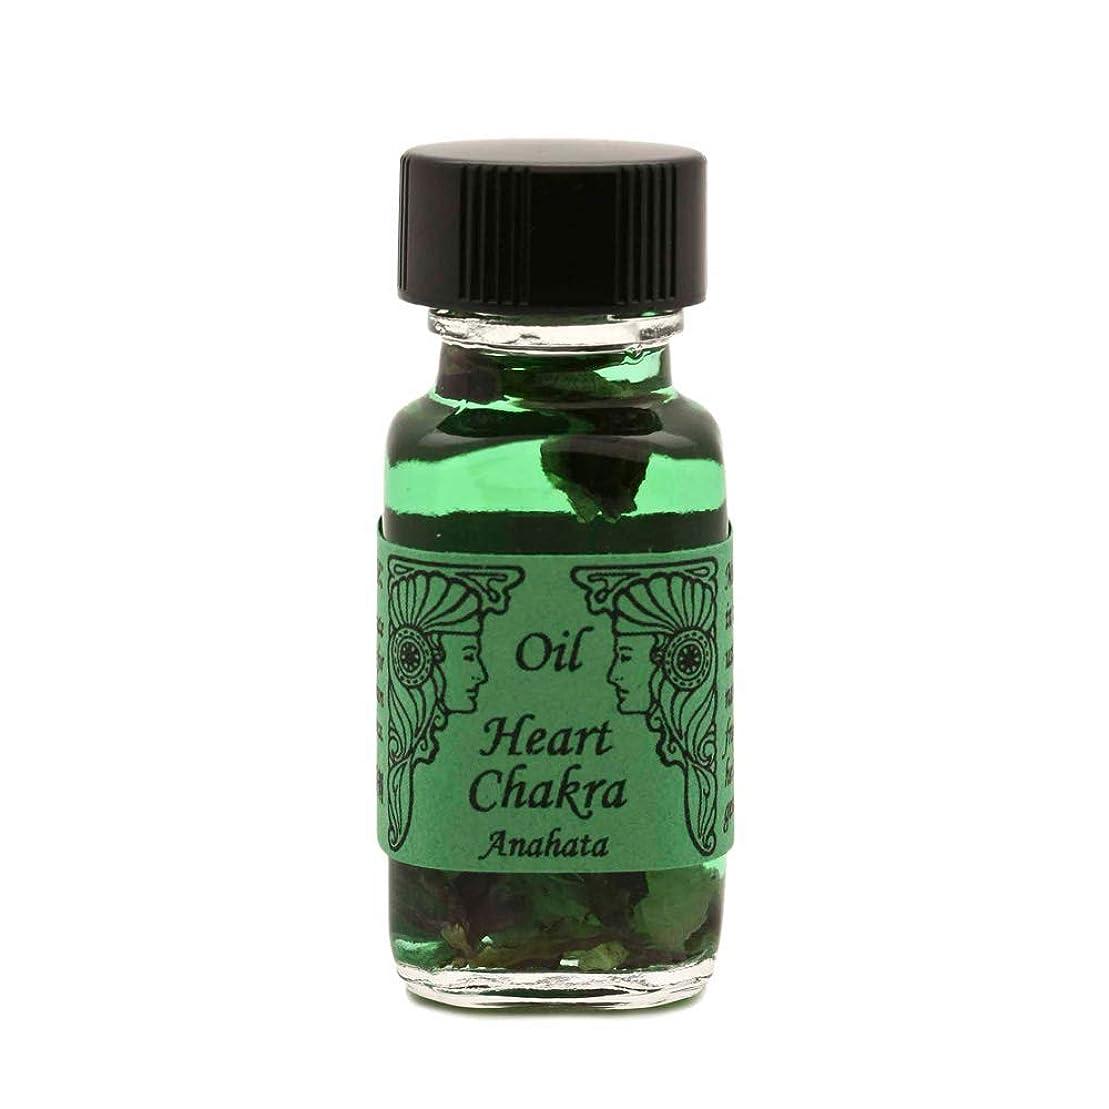 ハリウッド返済差別的SEDONA Ancient Memory Oils セドナ アンシェントメモリーオイル Heart Chakra ハート チャクラ 15ml